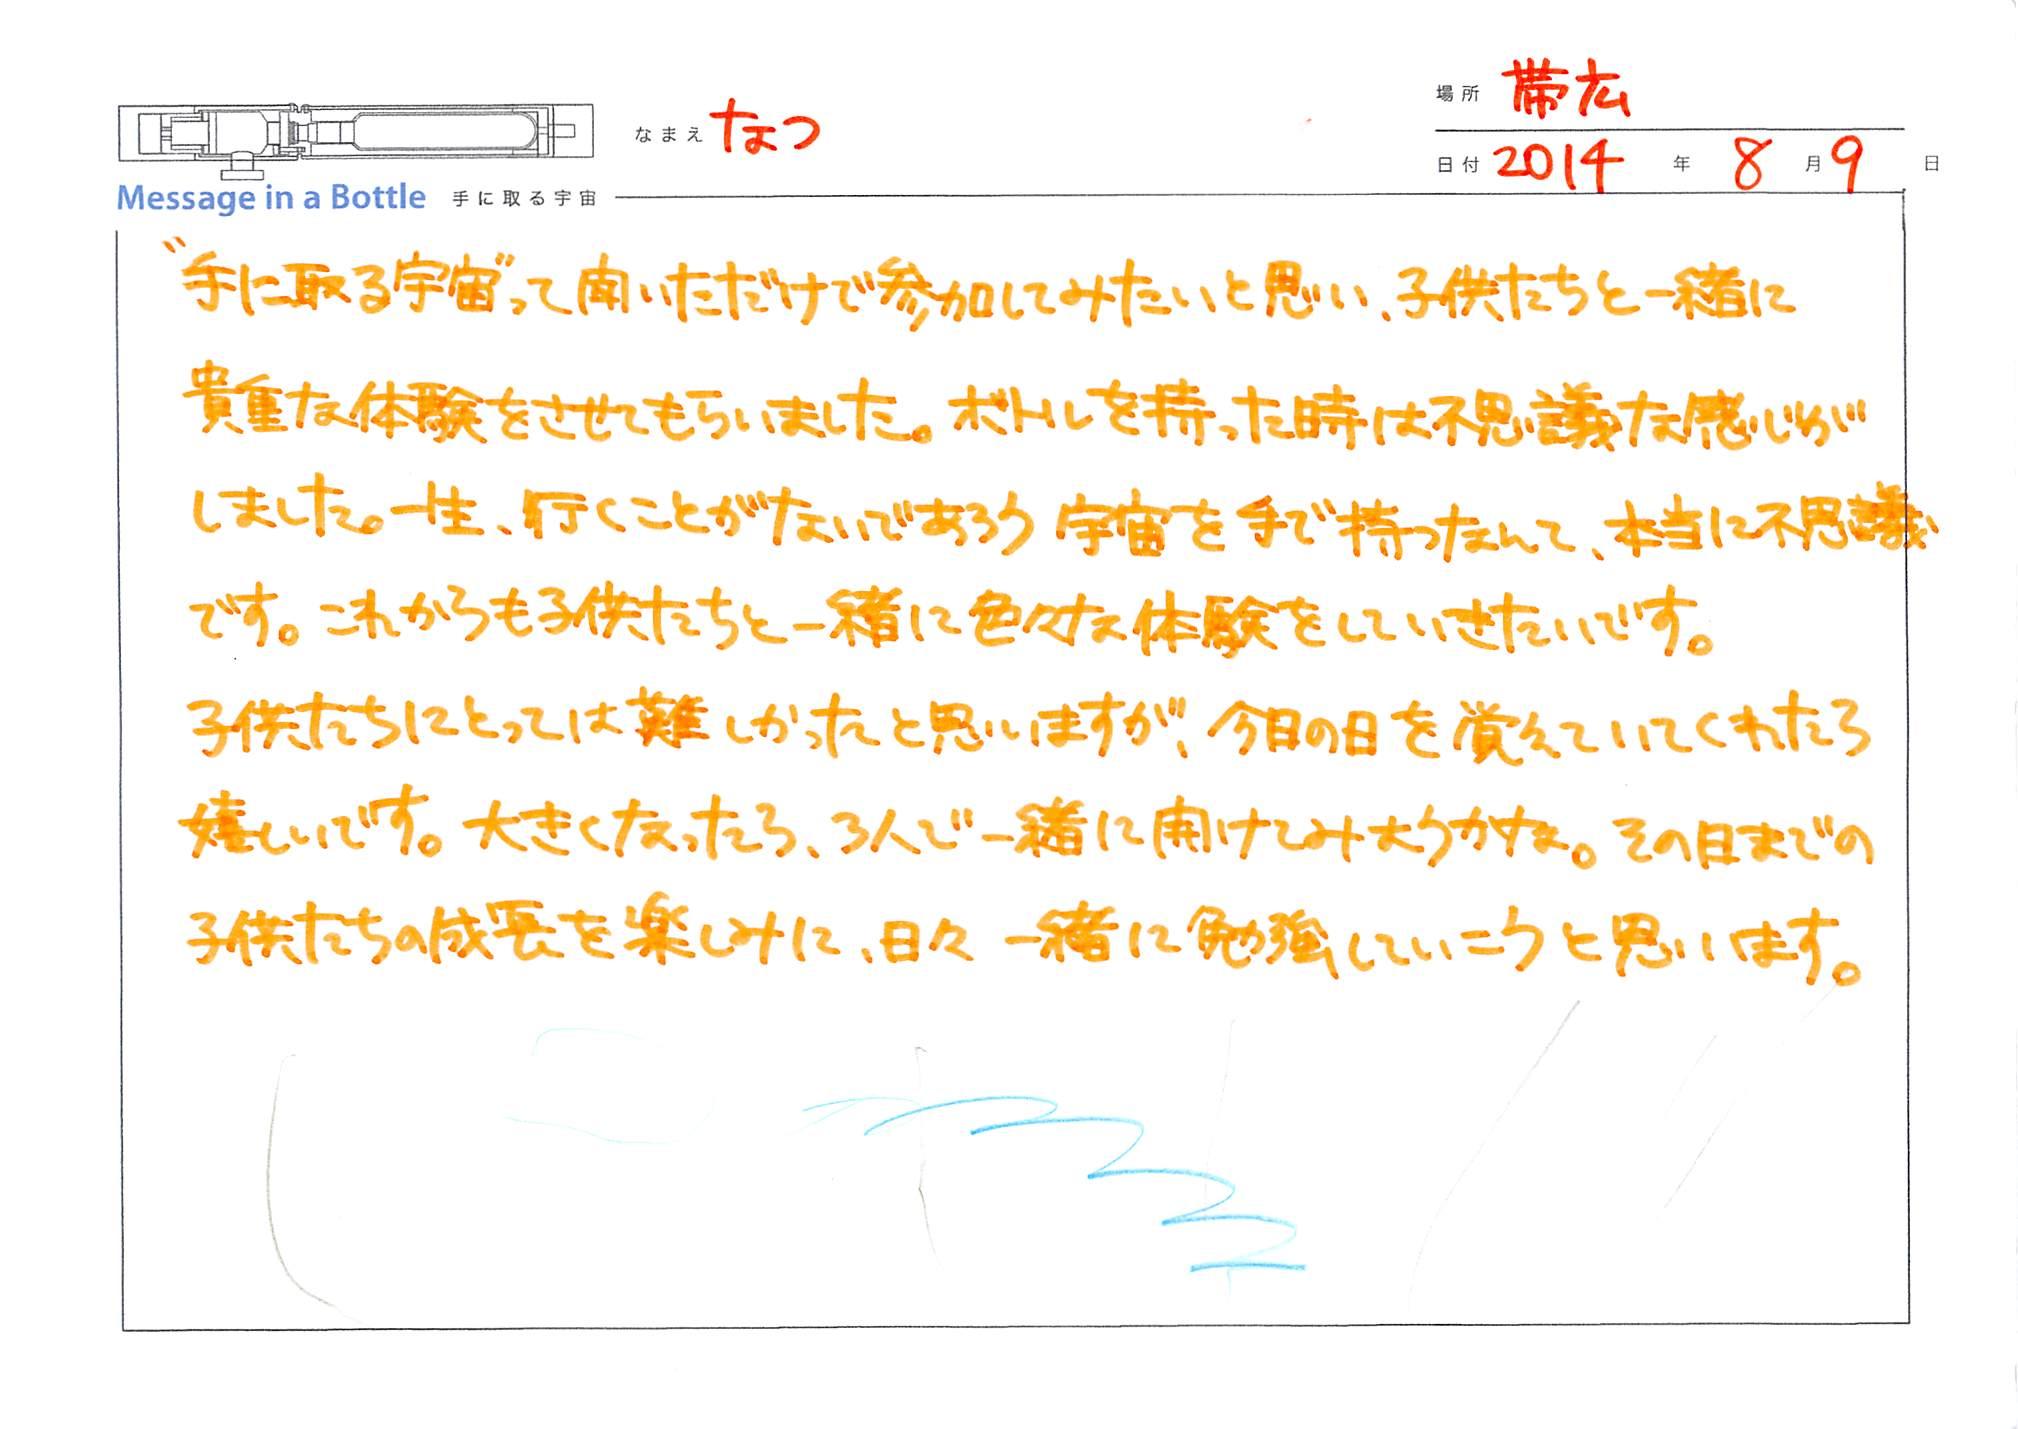 2014-08-09-19-37-53.jpg